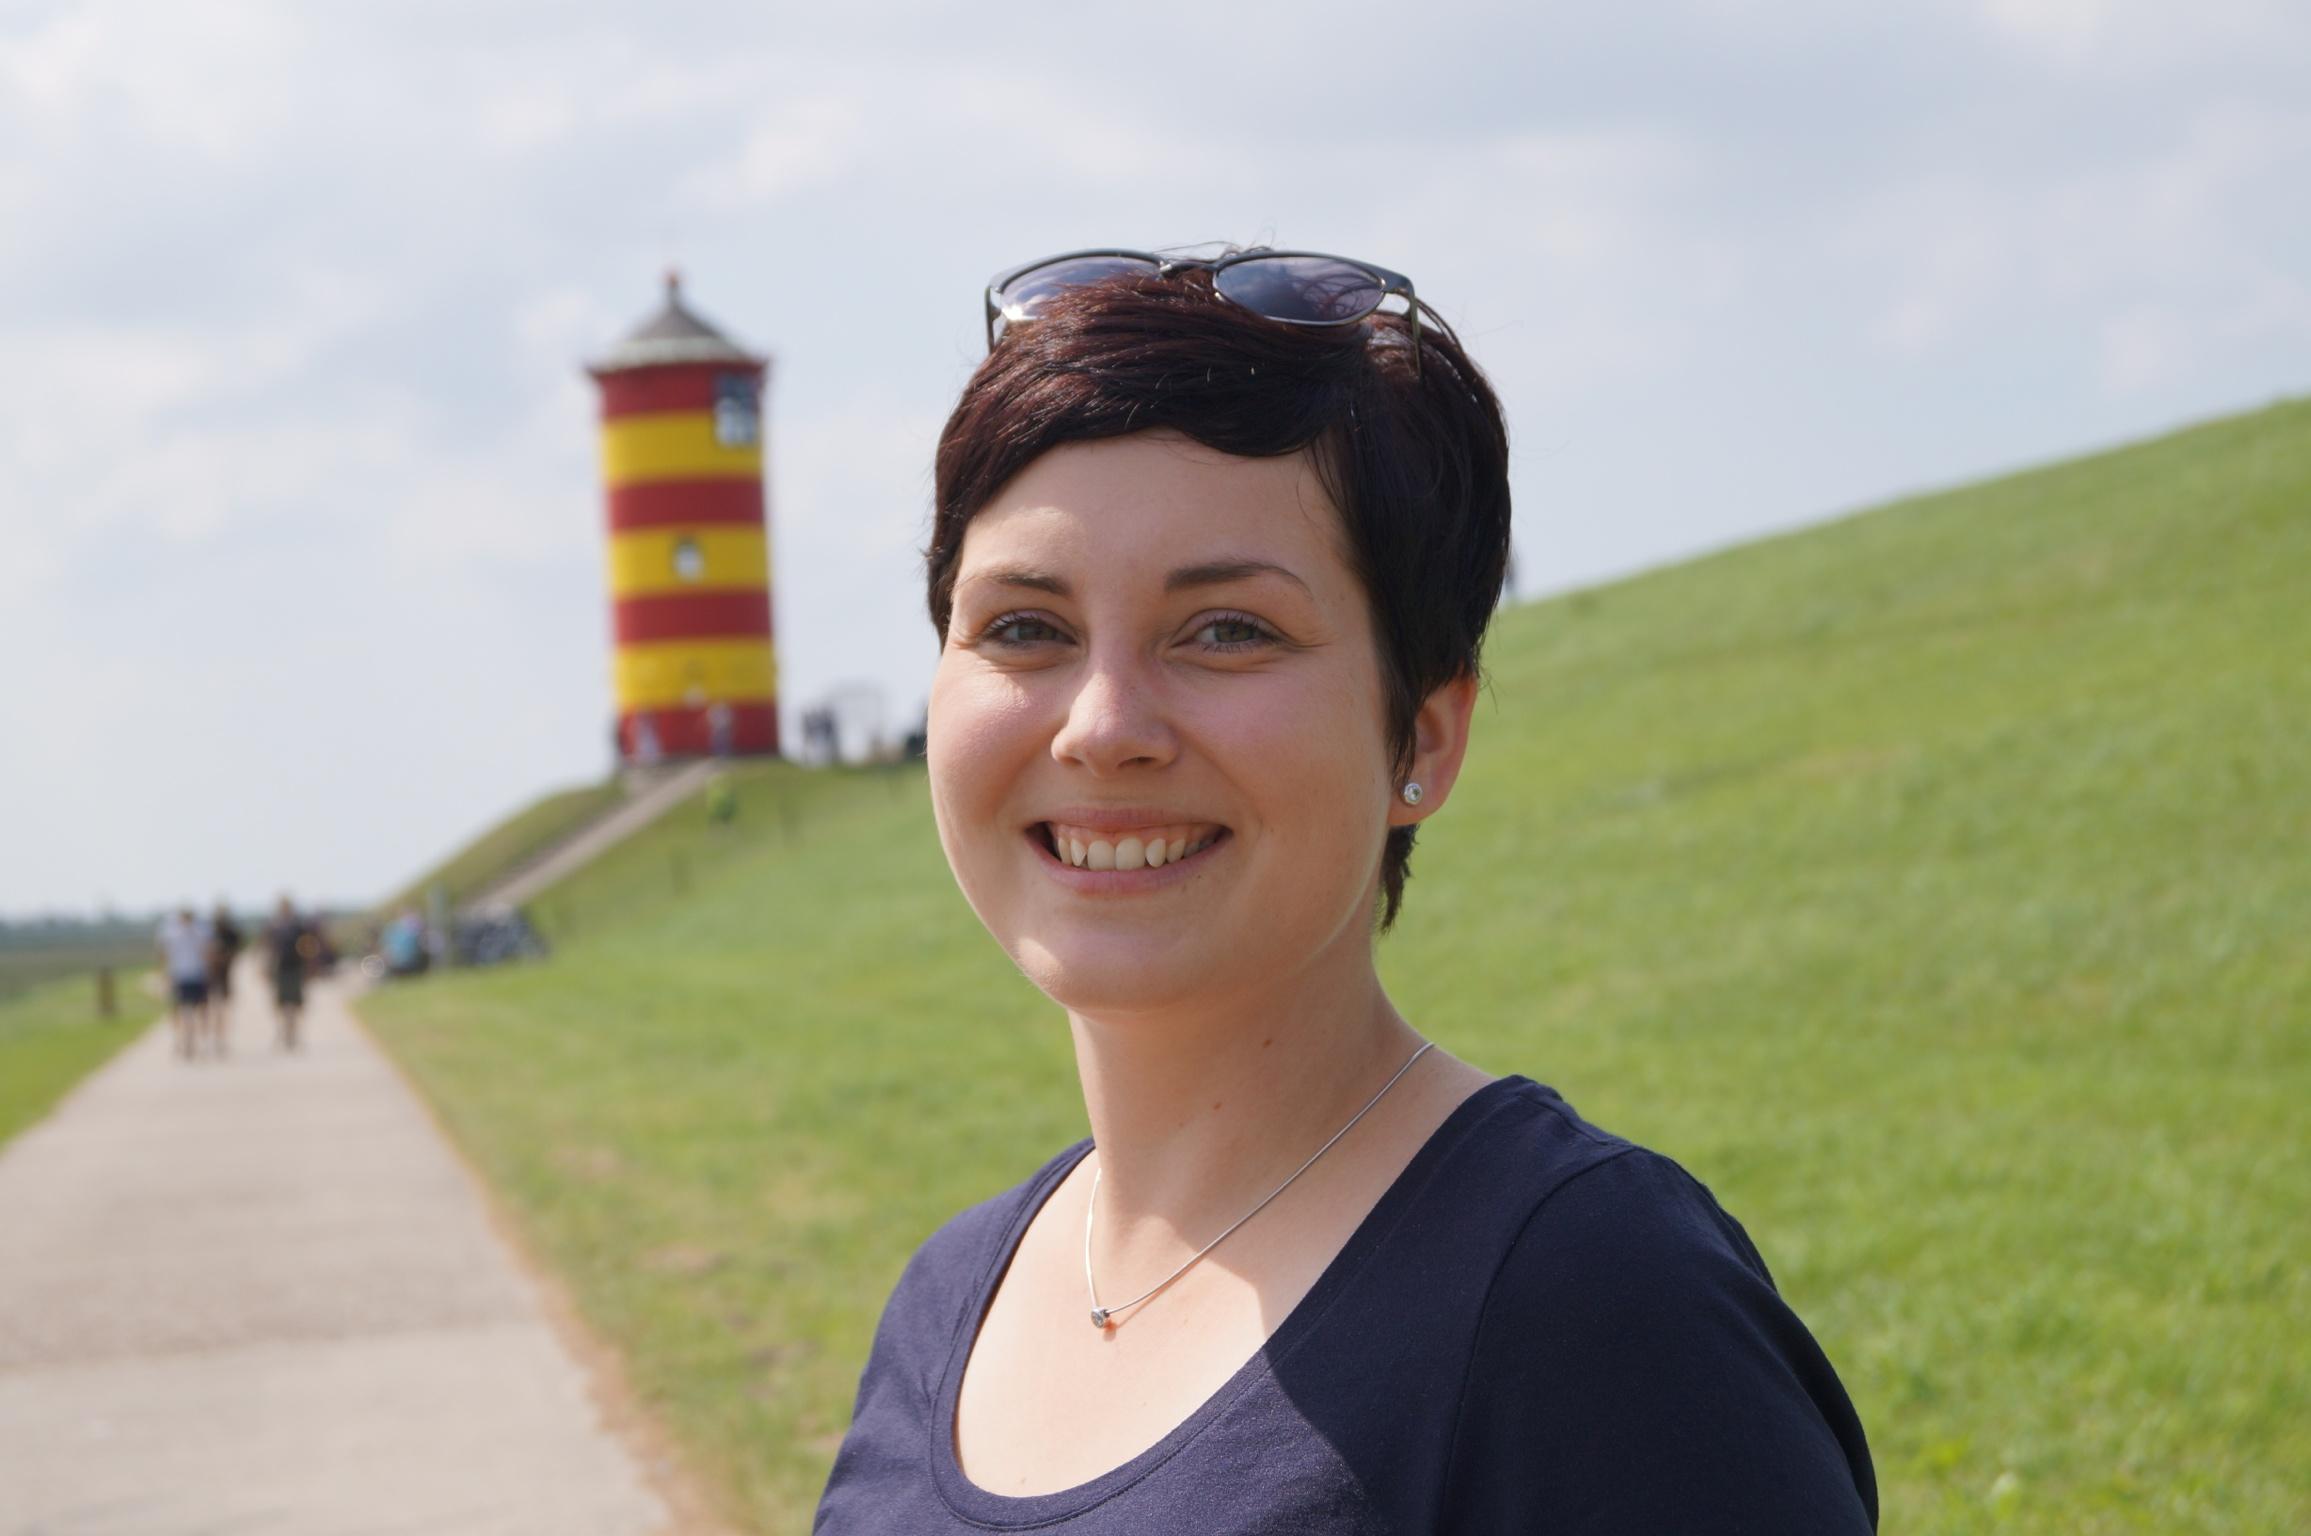 Britta Ultes